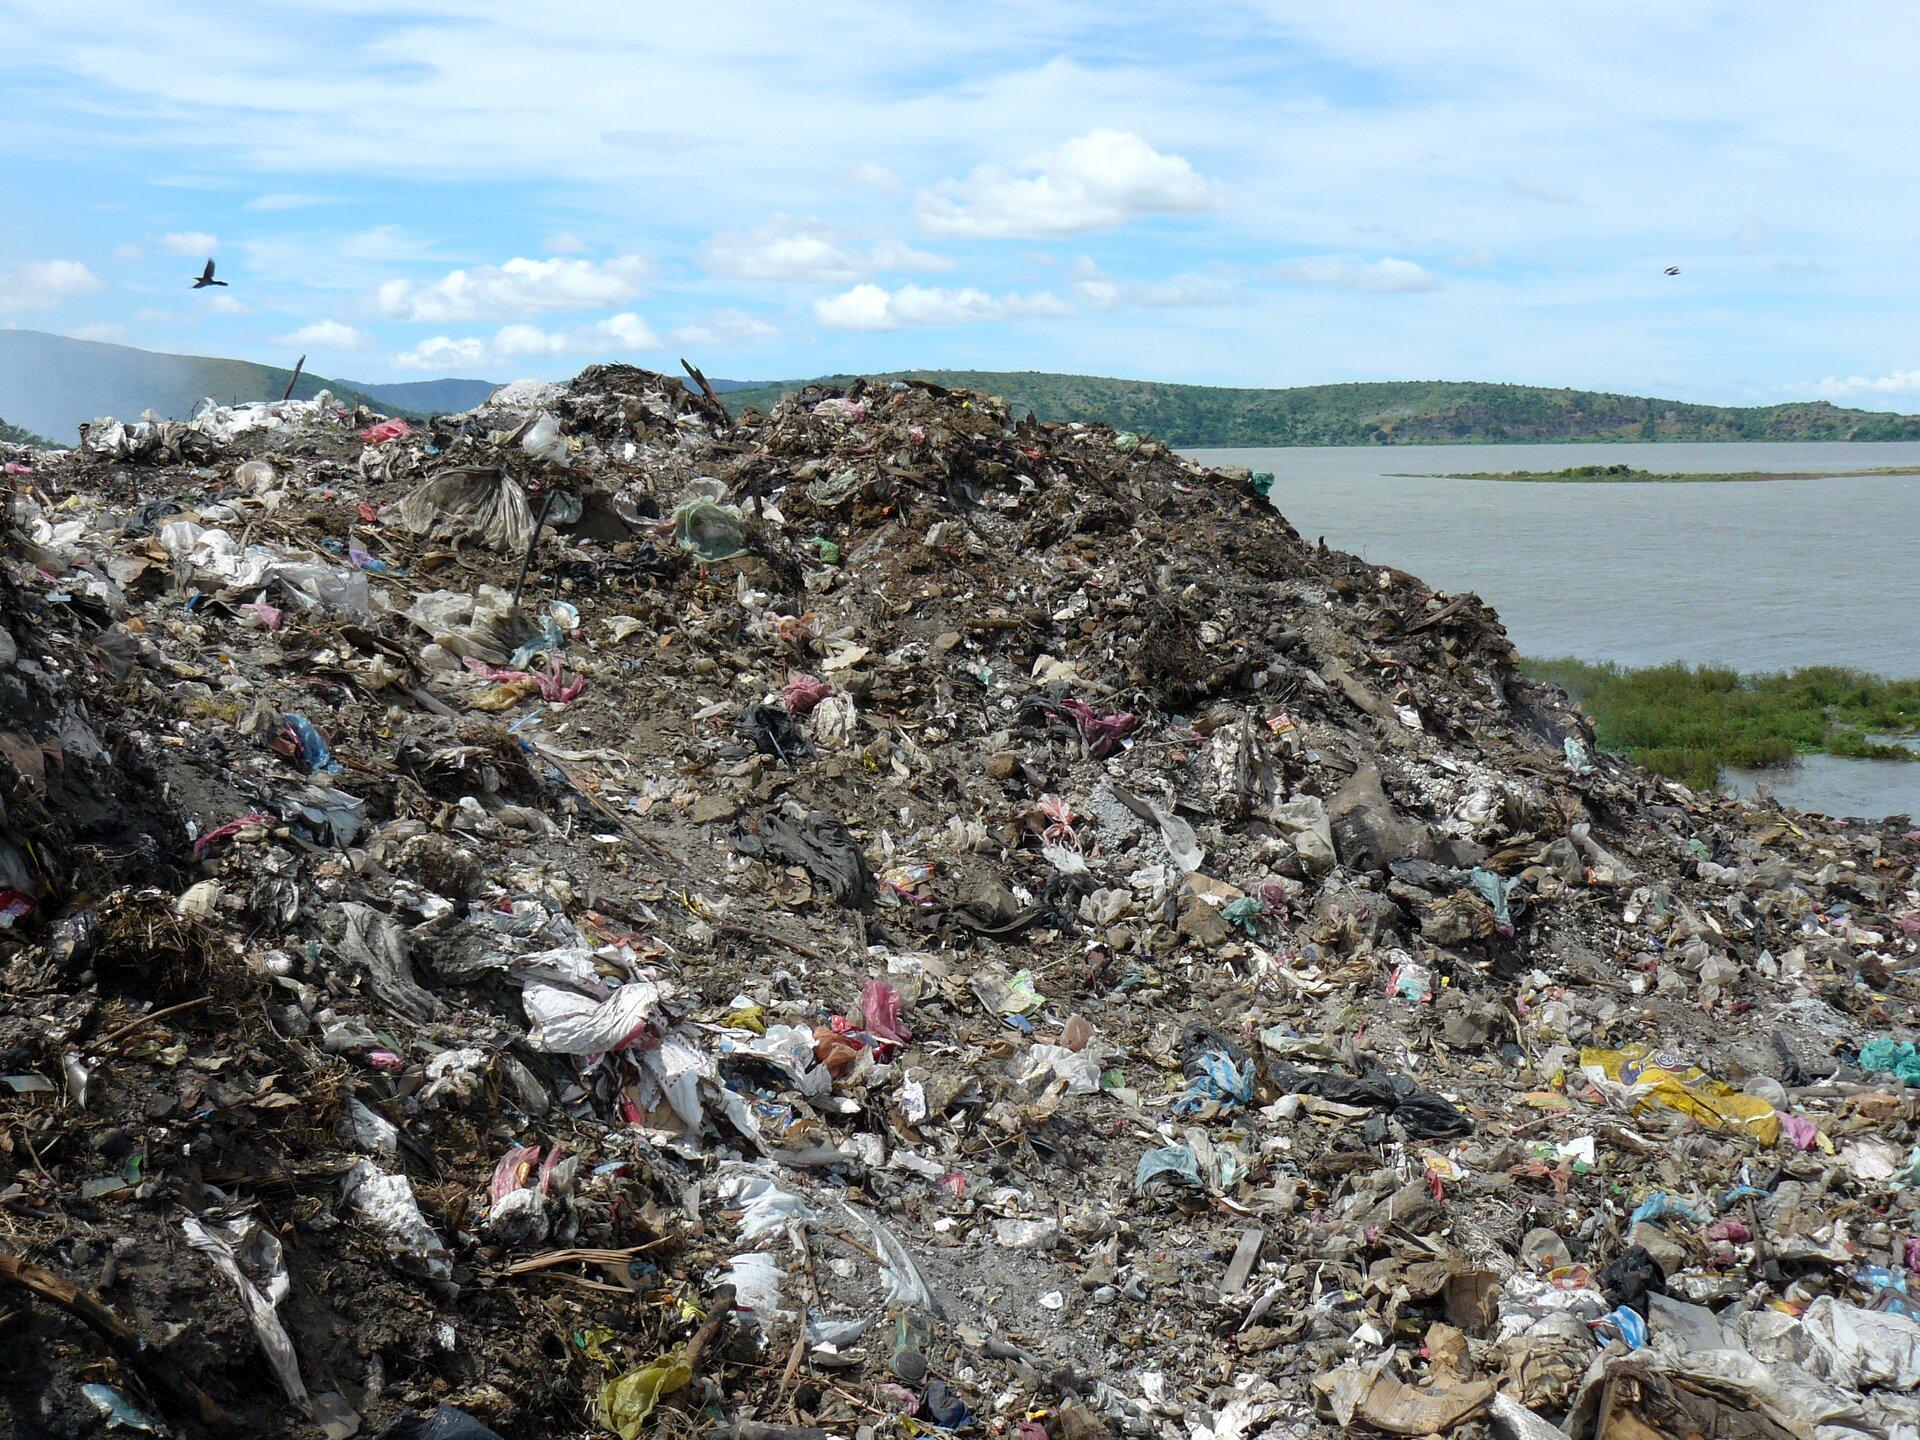 Zdjęcie przedstawia dzikie wysypisko śmieci. Na pierwszym planie znajduje się spore wzgórze usypane znieposortowanych odpadów, nad którym unoszą się ptaki. Daleko wtle wzgórza, niebieskie niebo. Pomiędzy wysypiskiem, awzgórzami widoczna jest tafla dużego jeziora lub morskiej zatoki.